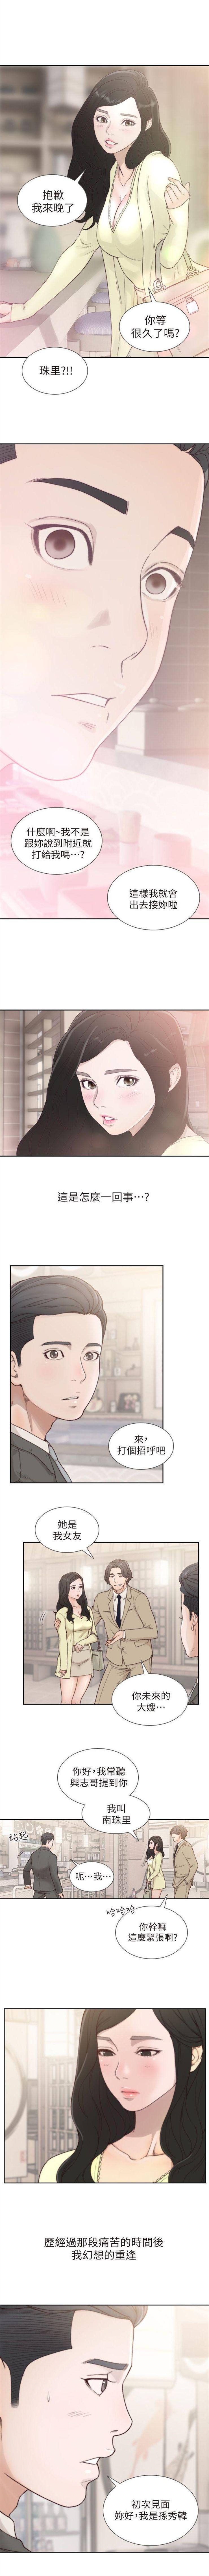 前女友 1-48 中文翻译(更新中) 7